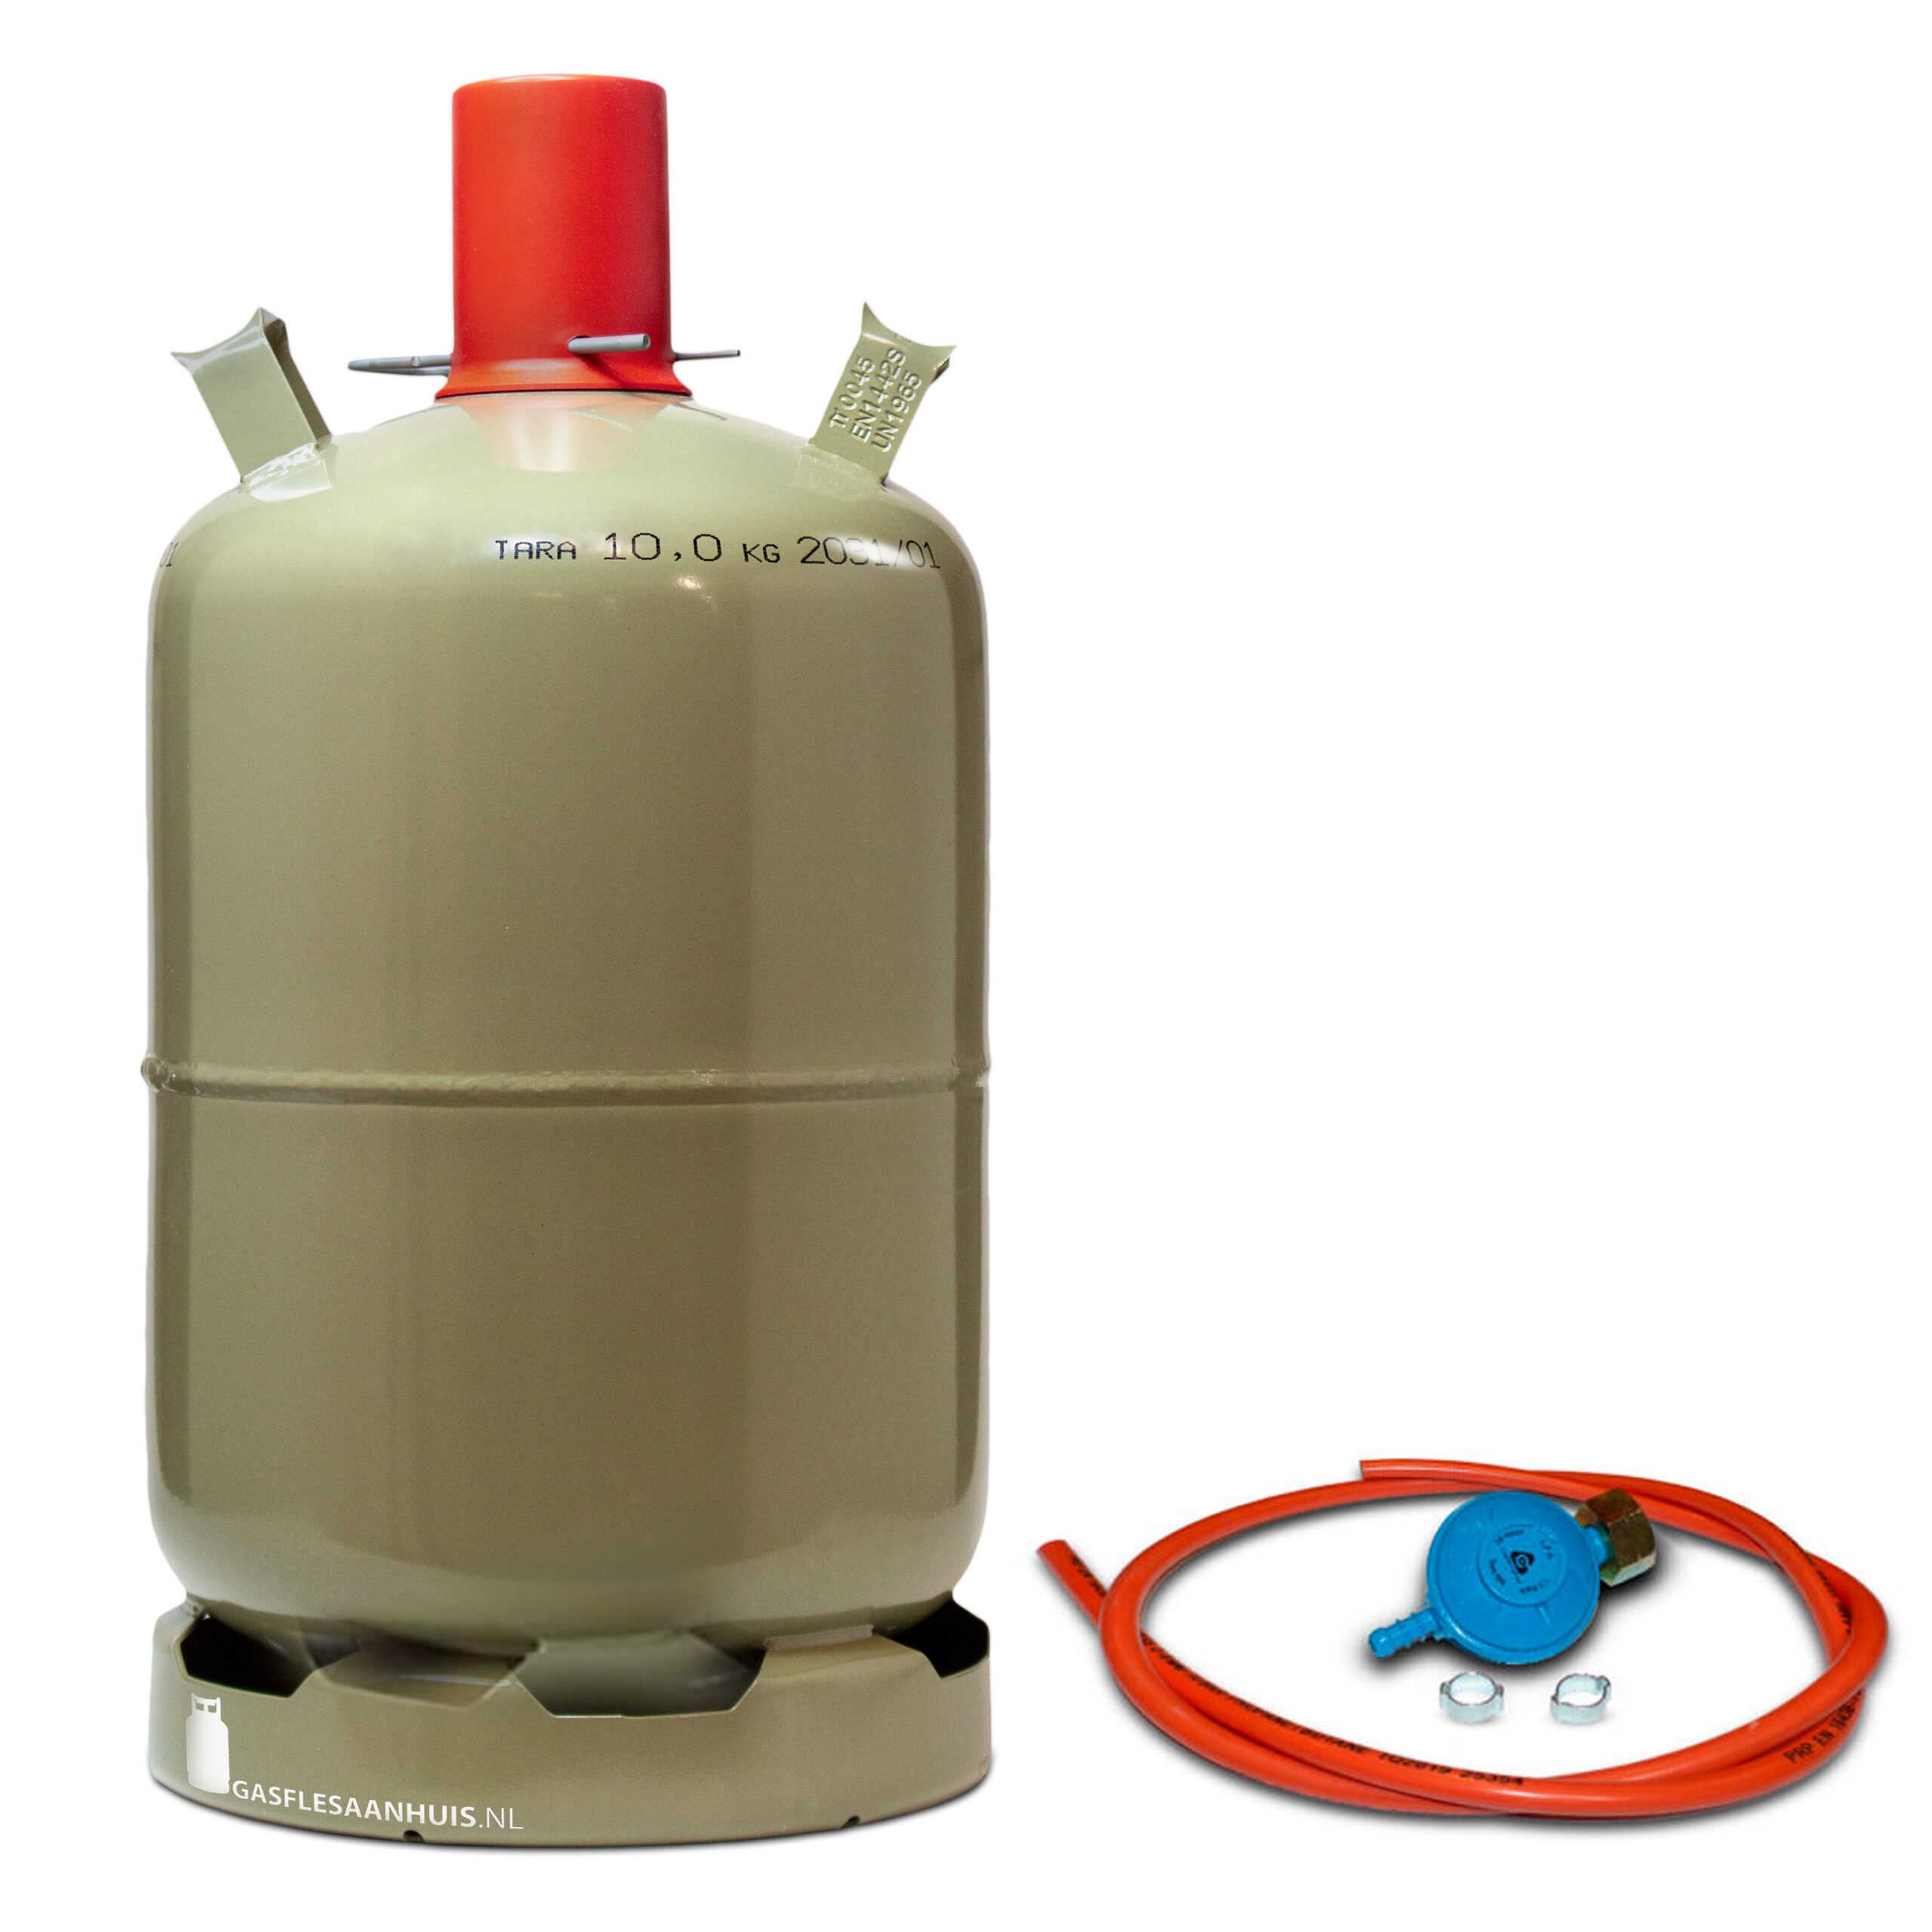 groene gasfles, gasfles kopen, gasdrukregelaar, gasfles 11kg, gasfles